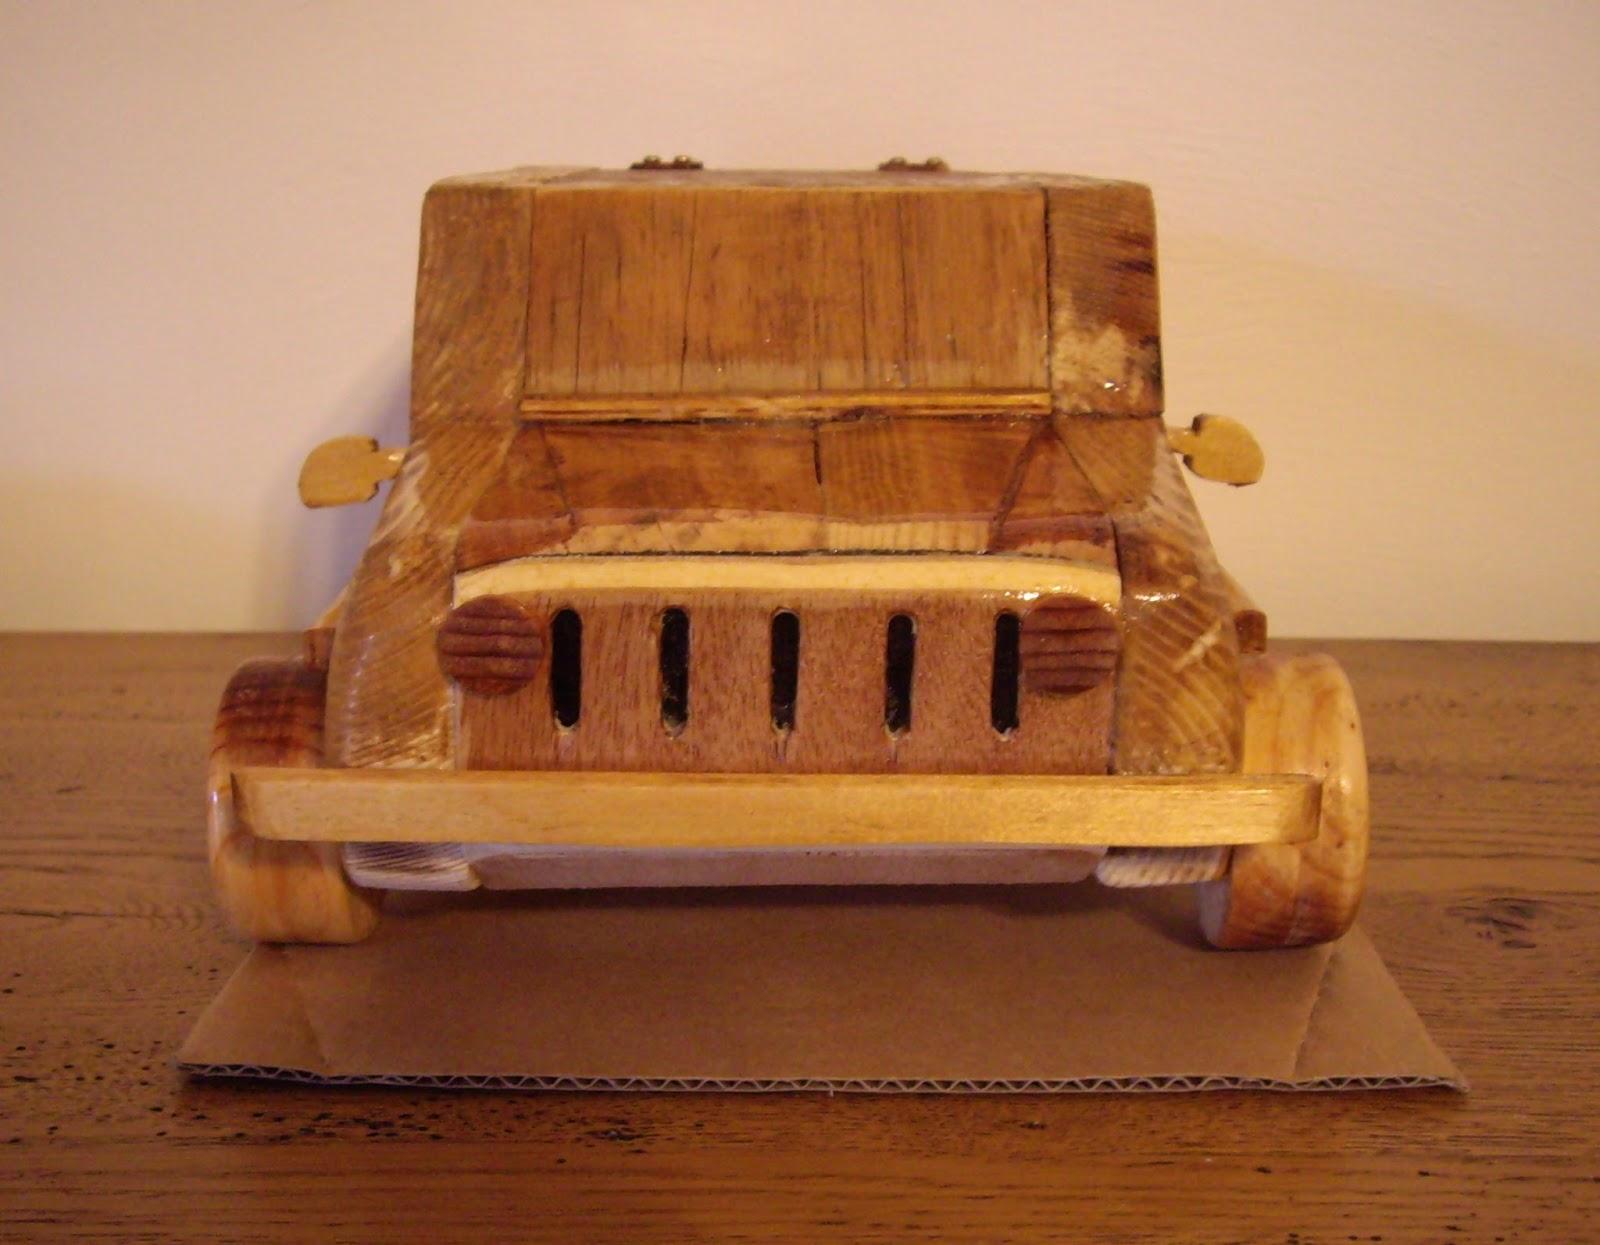 objets d co tutoriels et meubles en bois de palettes jeep wrangler en bois de palette. Black Bedroom Furniture Sets. Home Design Ideas